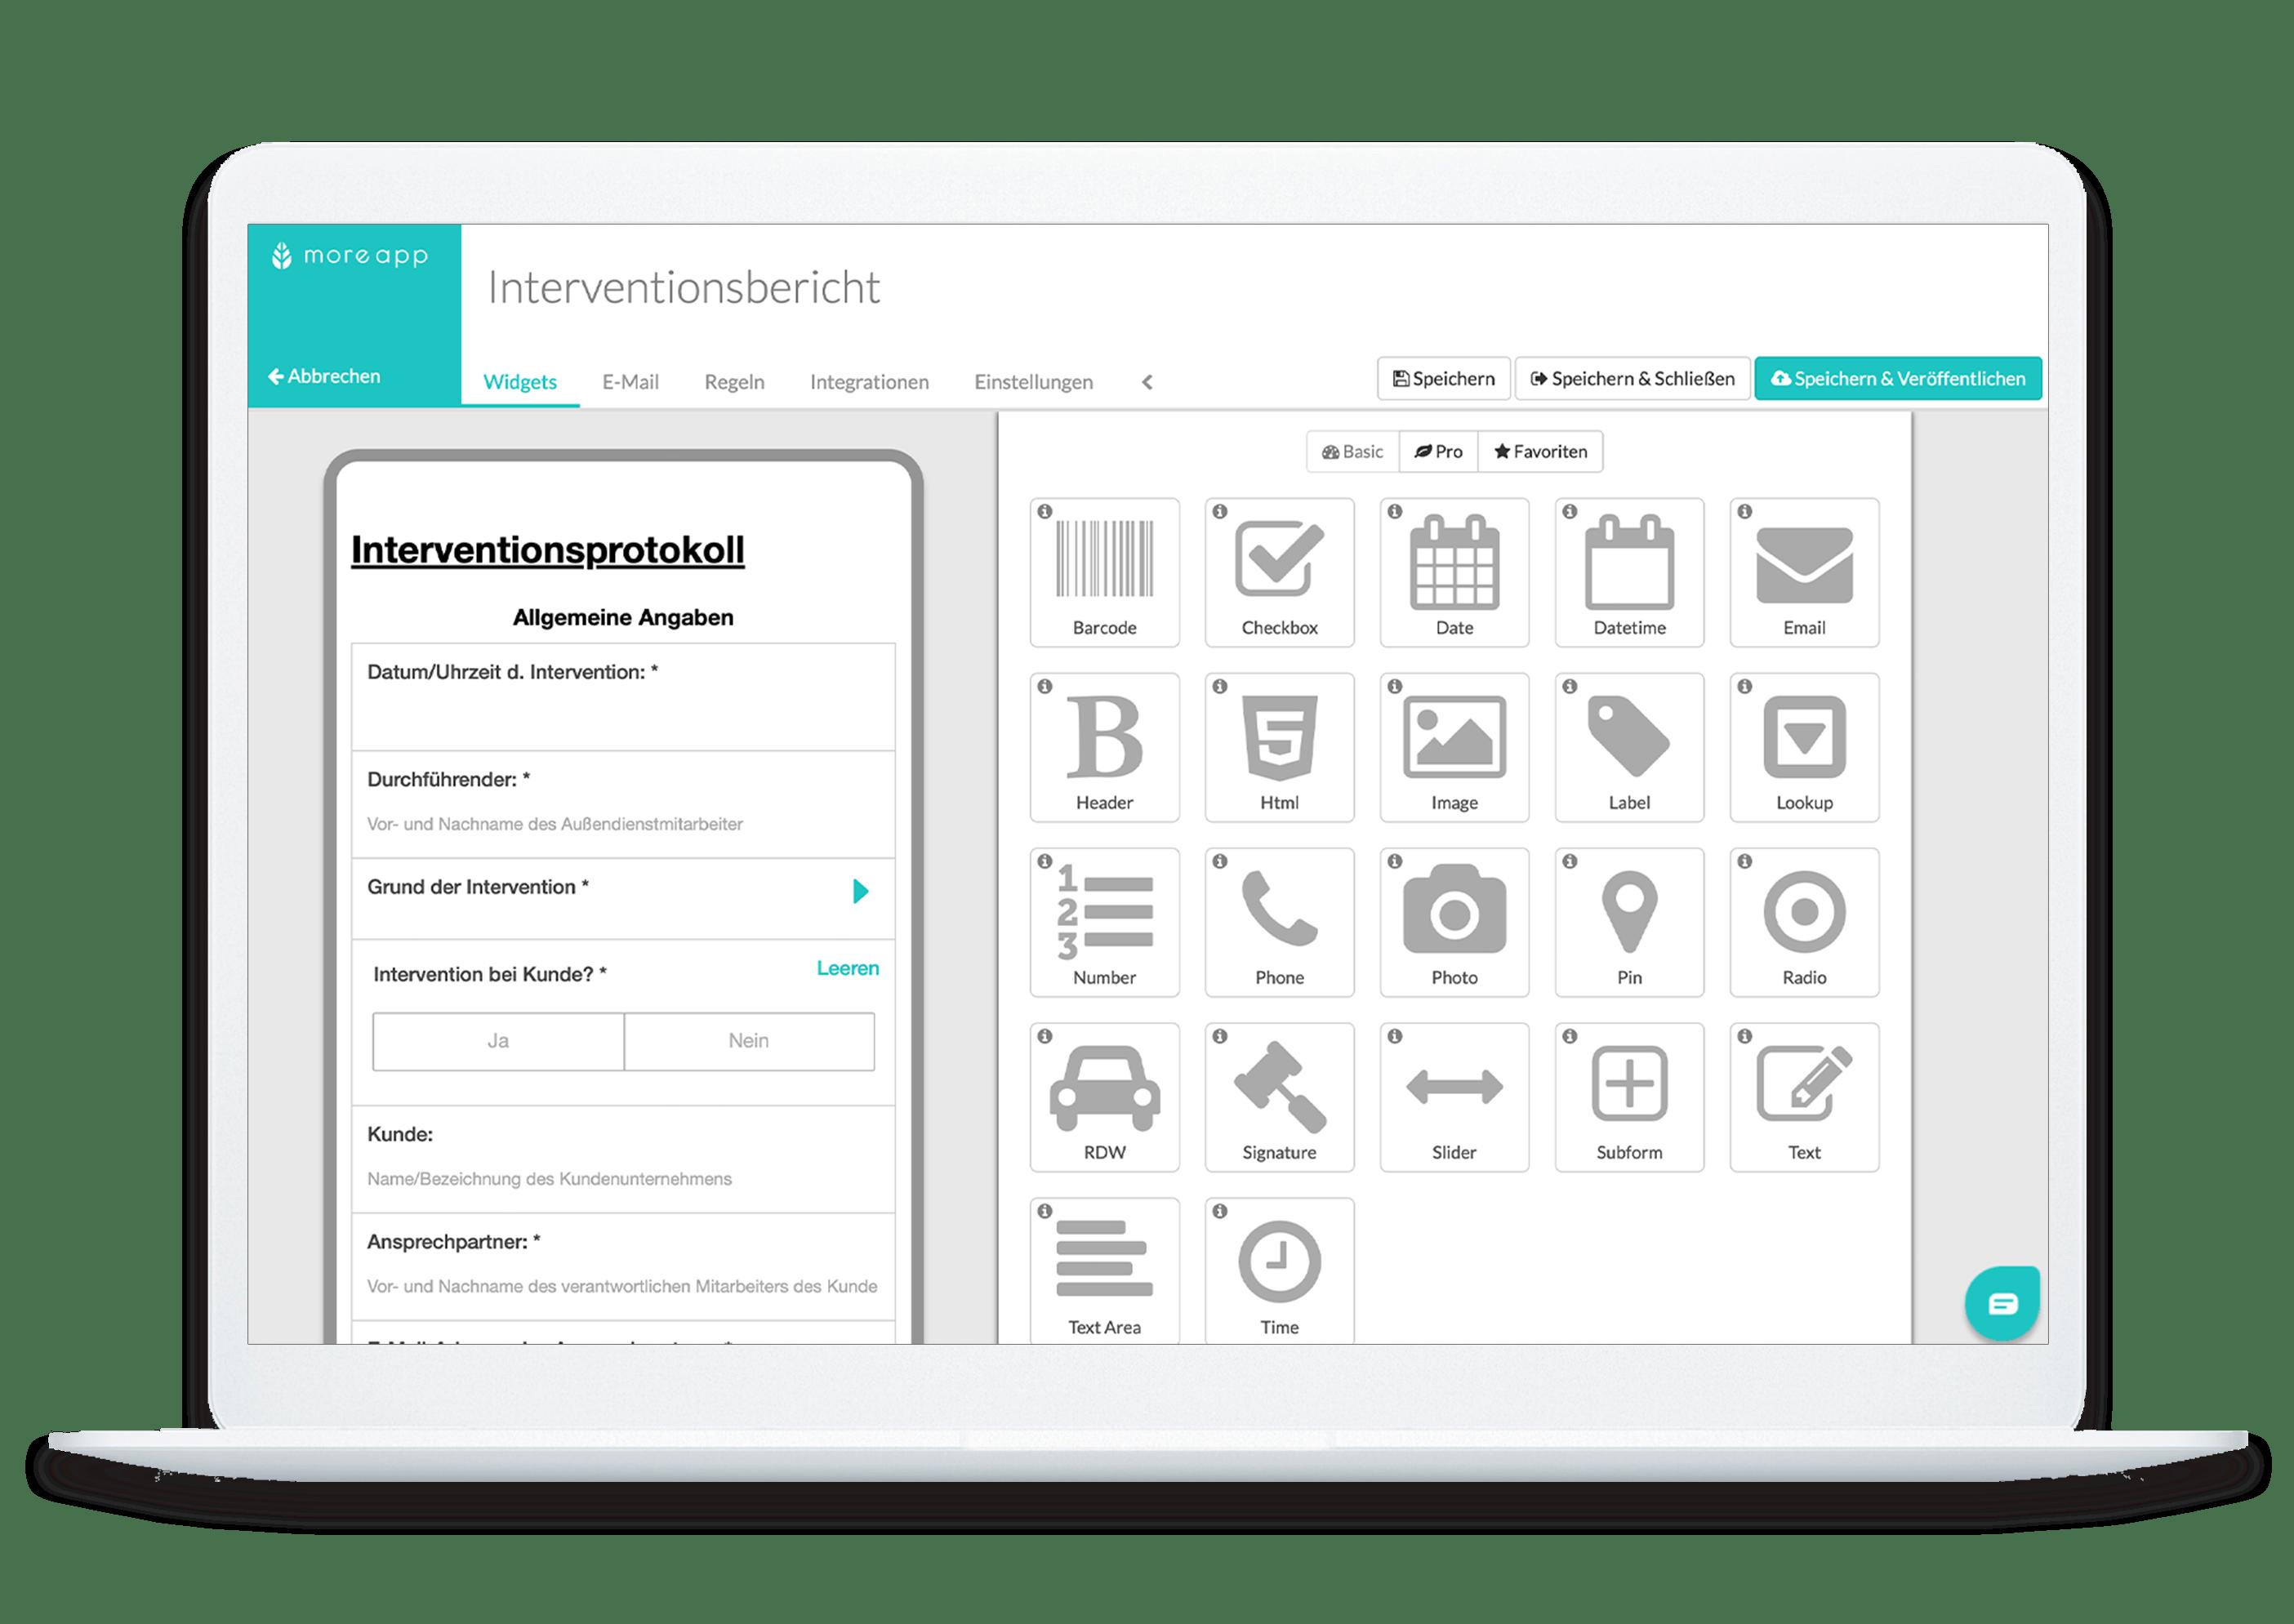 MoreApp-Plattform Interventionsbericht